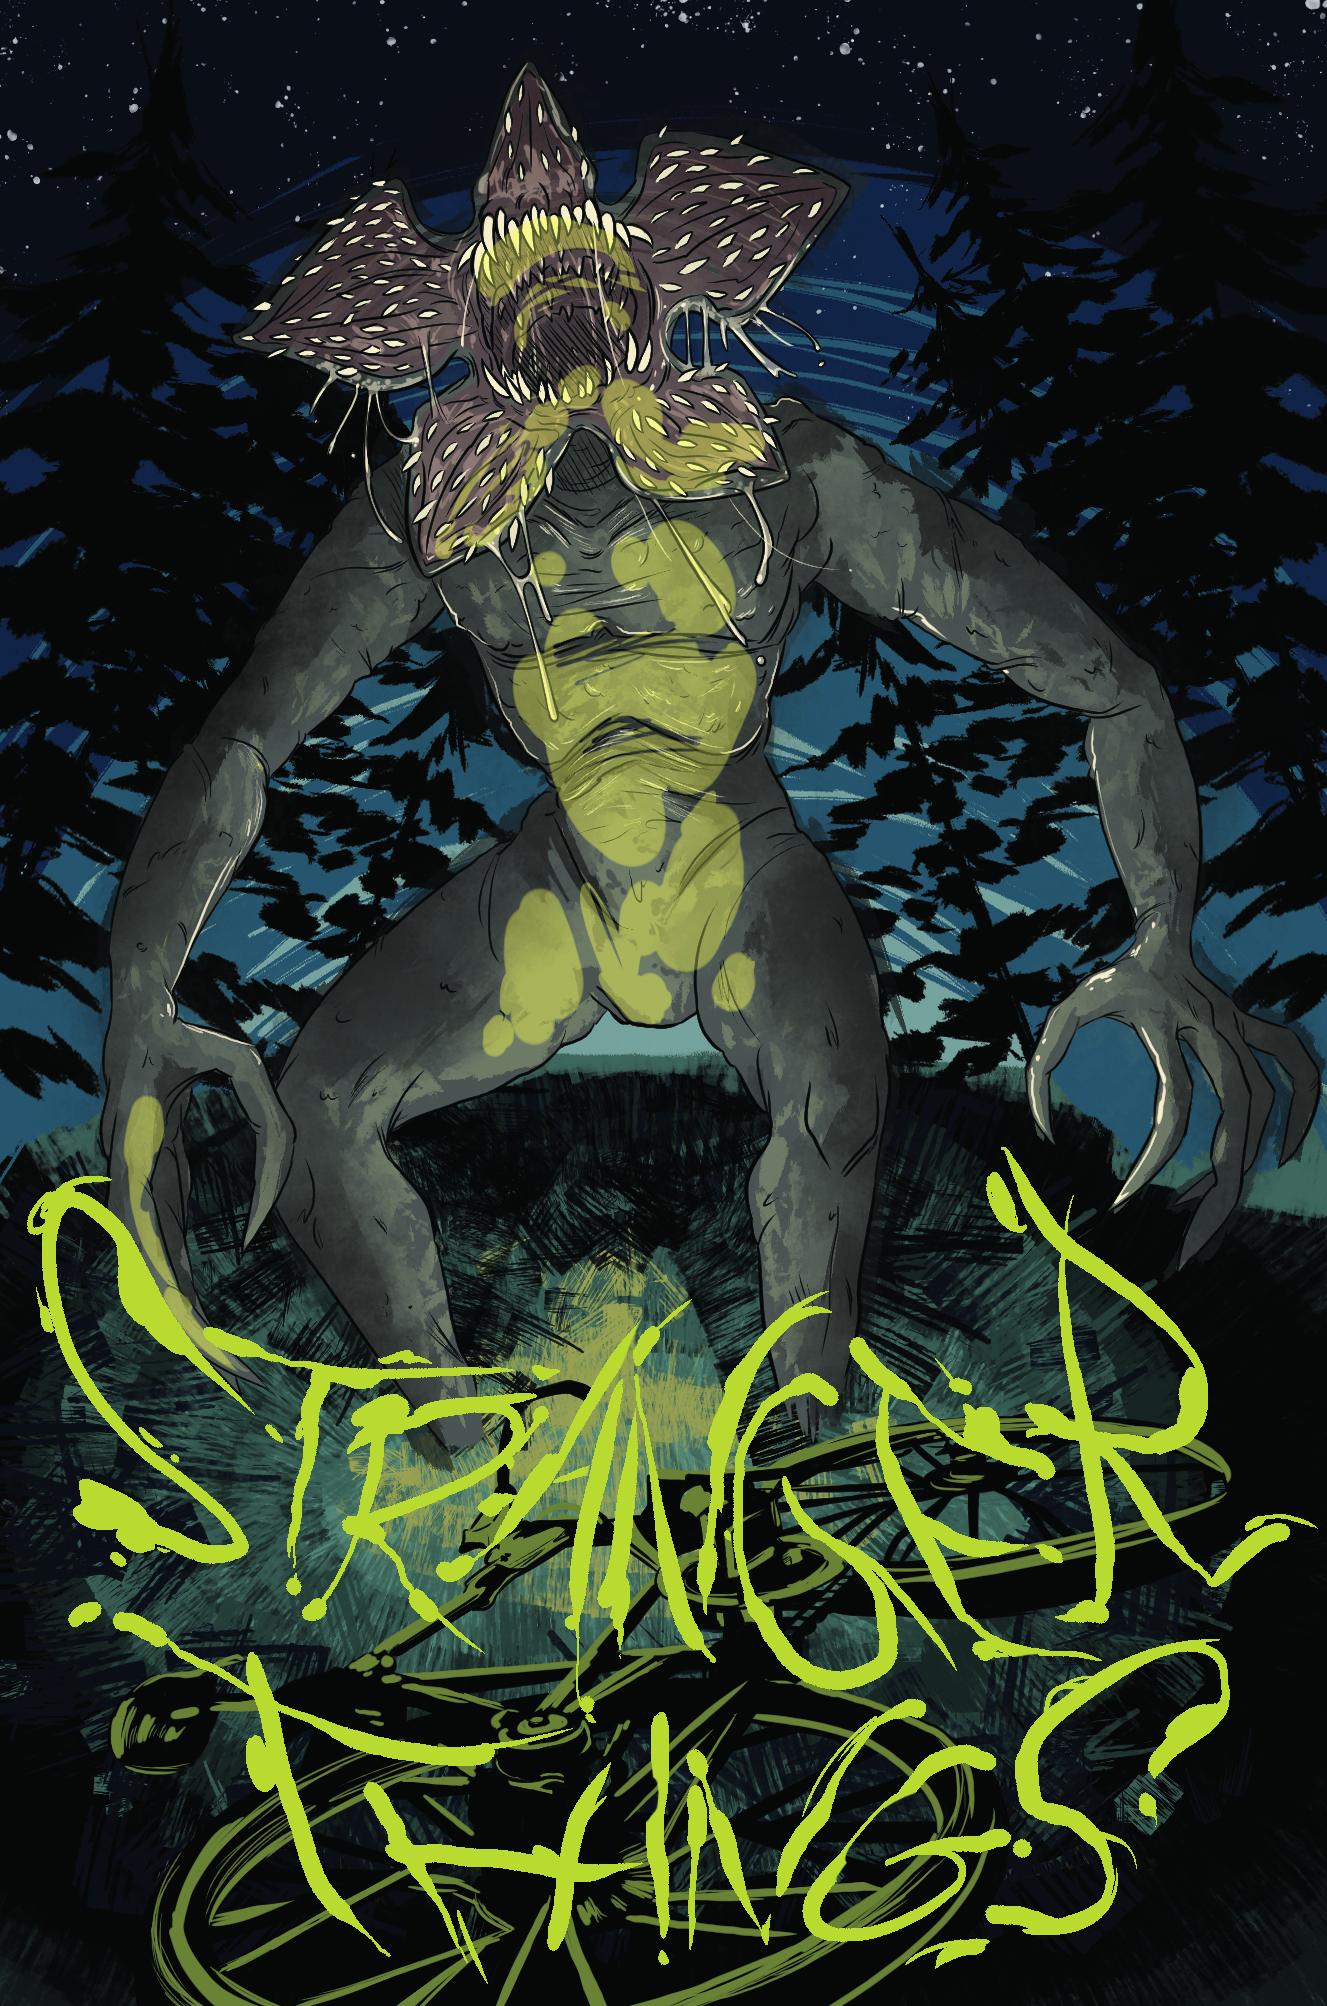 Demogorgon from Stranger Things